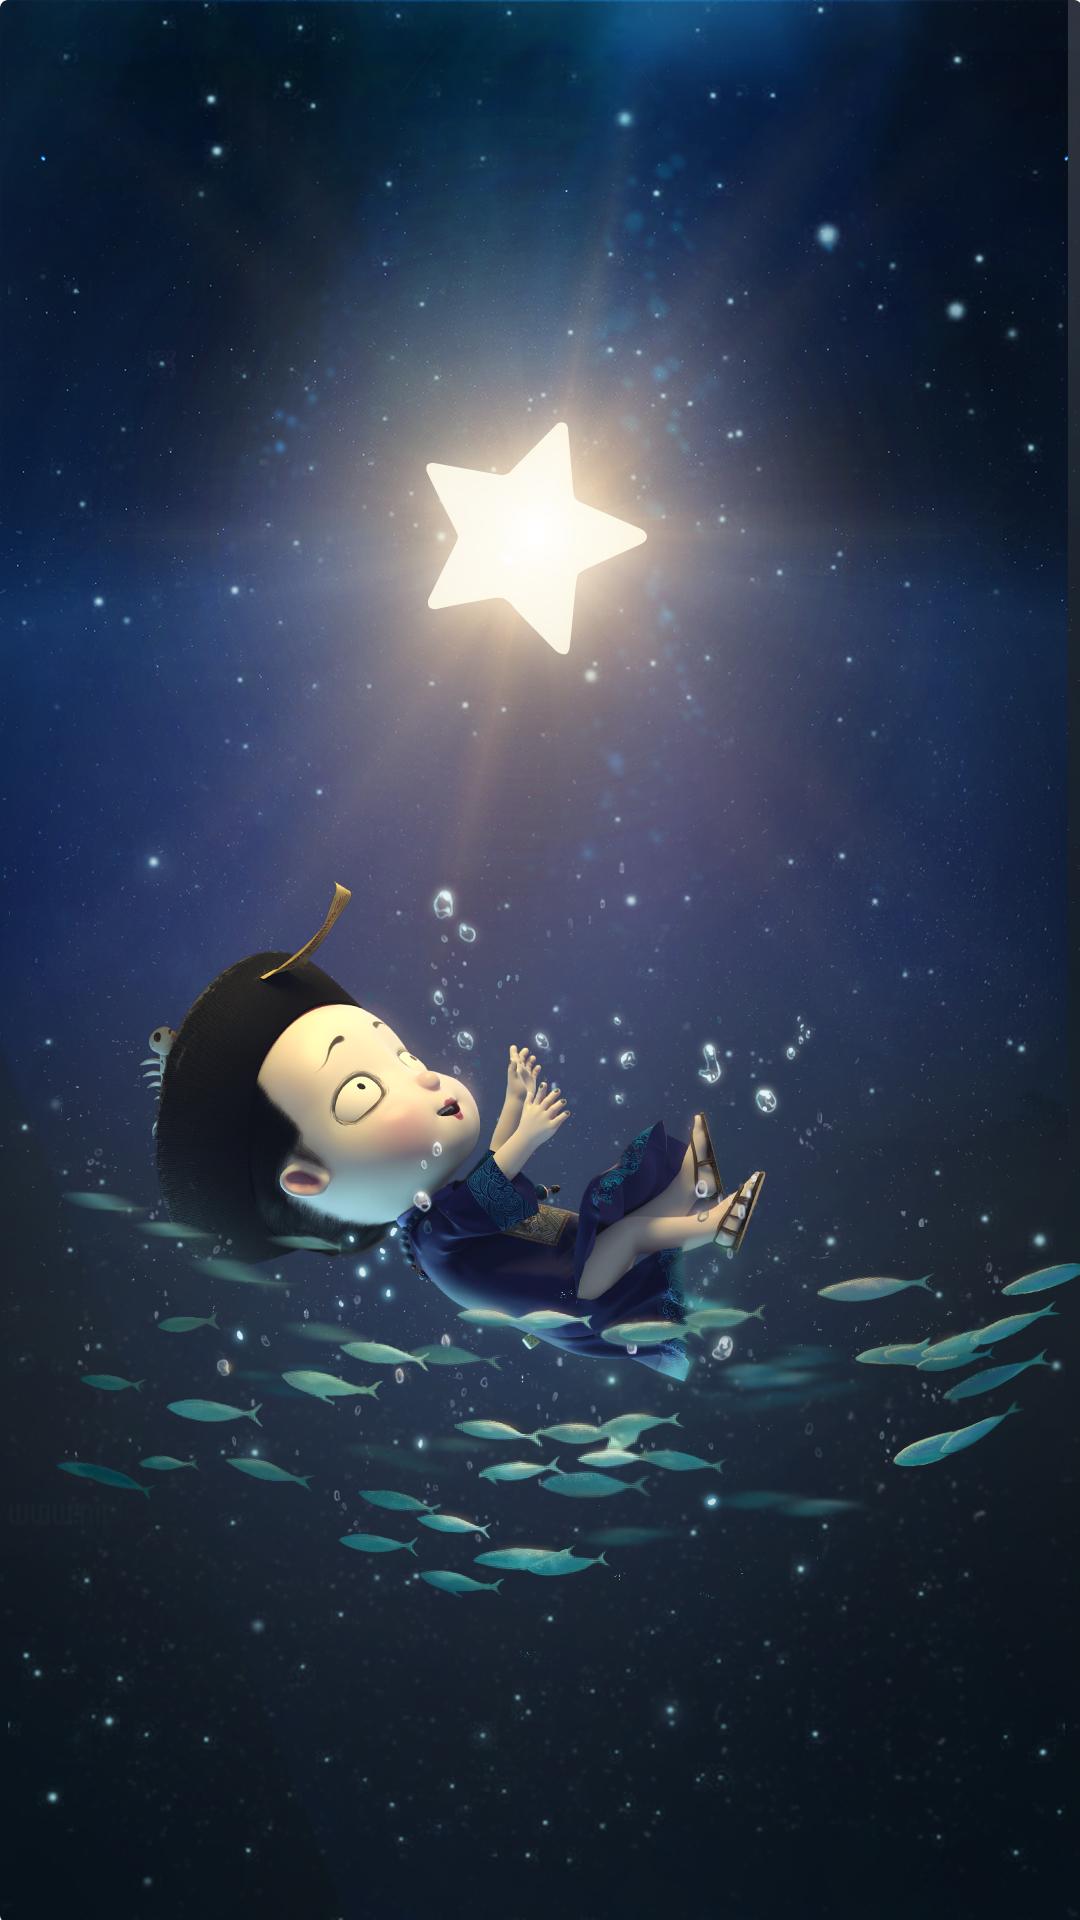 心里装着小星星,生活才能亮晶晶| 僵小鱼壁纸